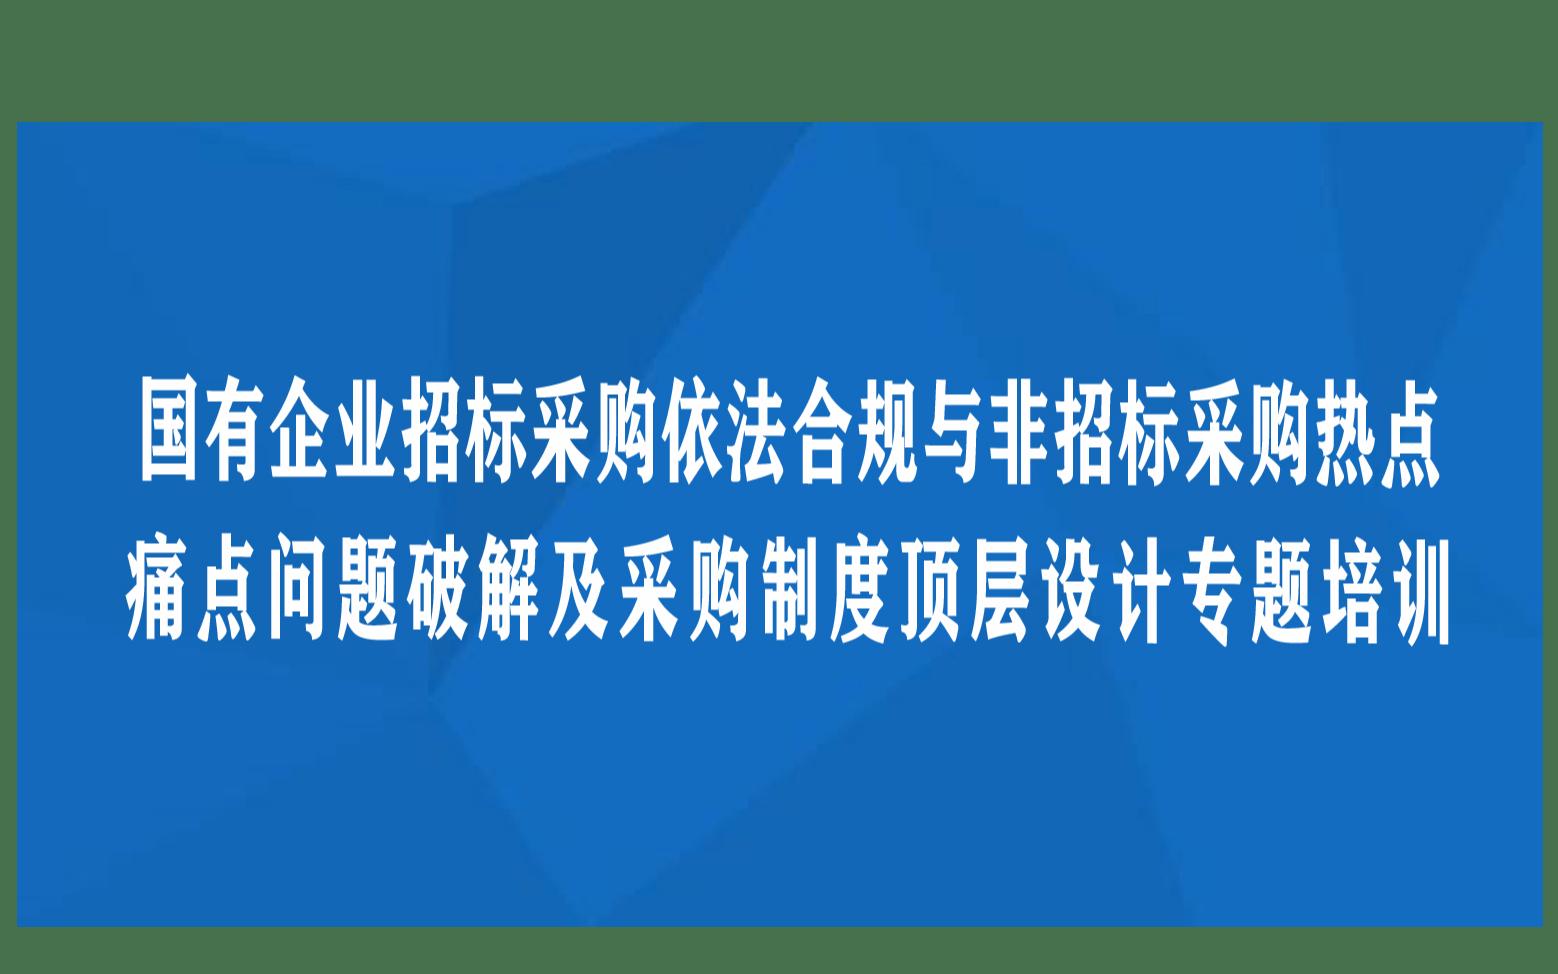 武汉线下课程:国有企业招标采购依法合规与非招标采购热点、痛点问题破解及采购制度顶层设计专题培训班